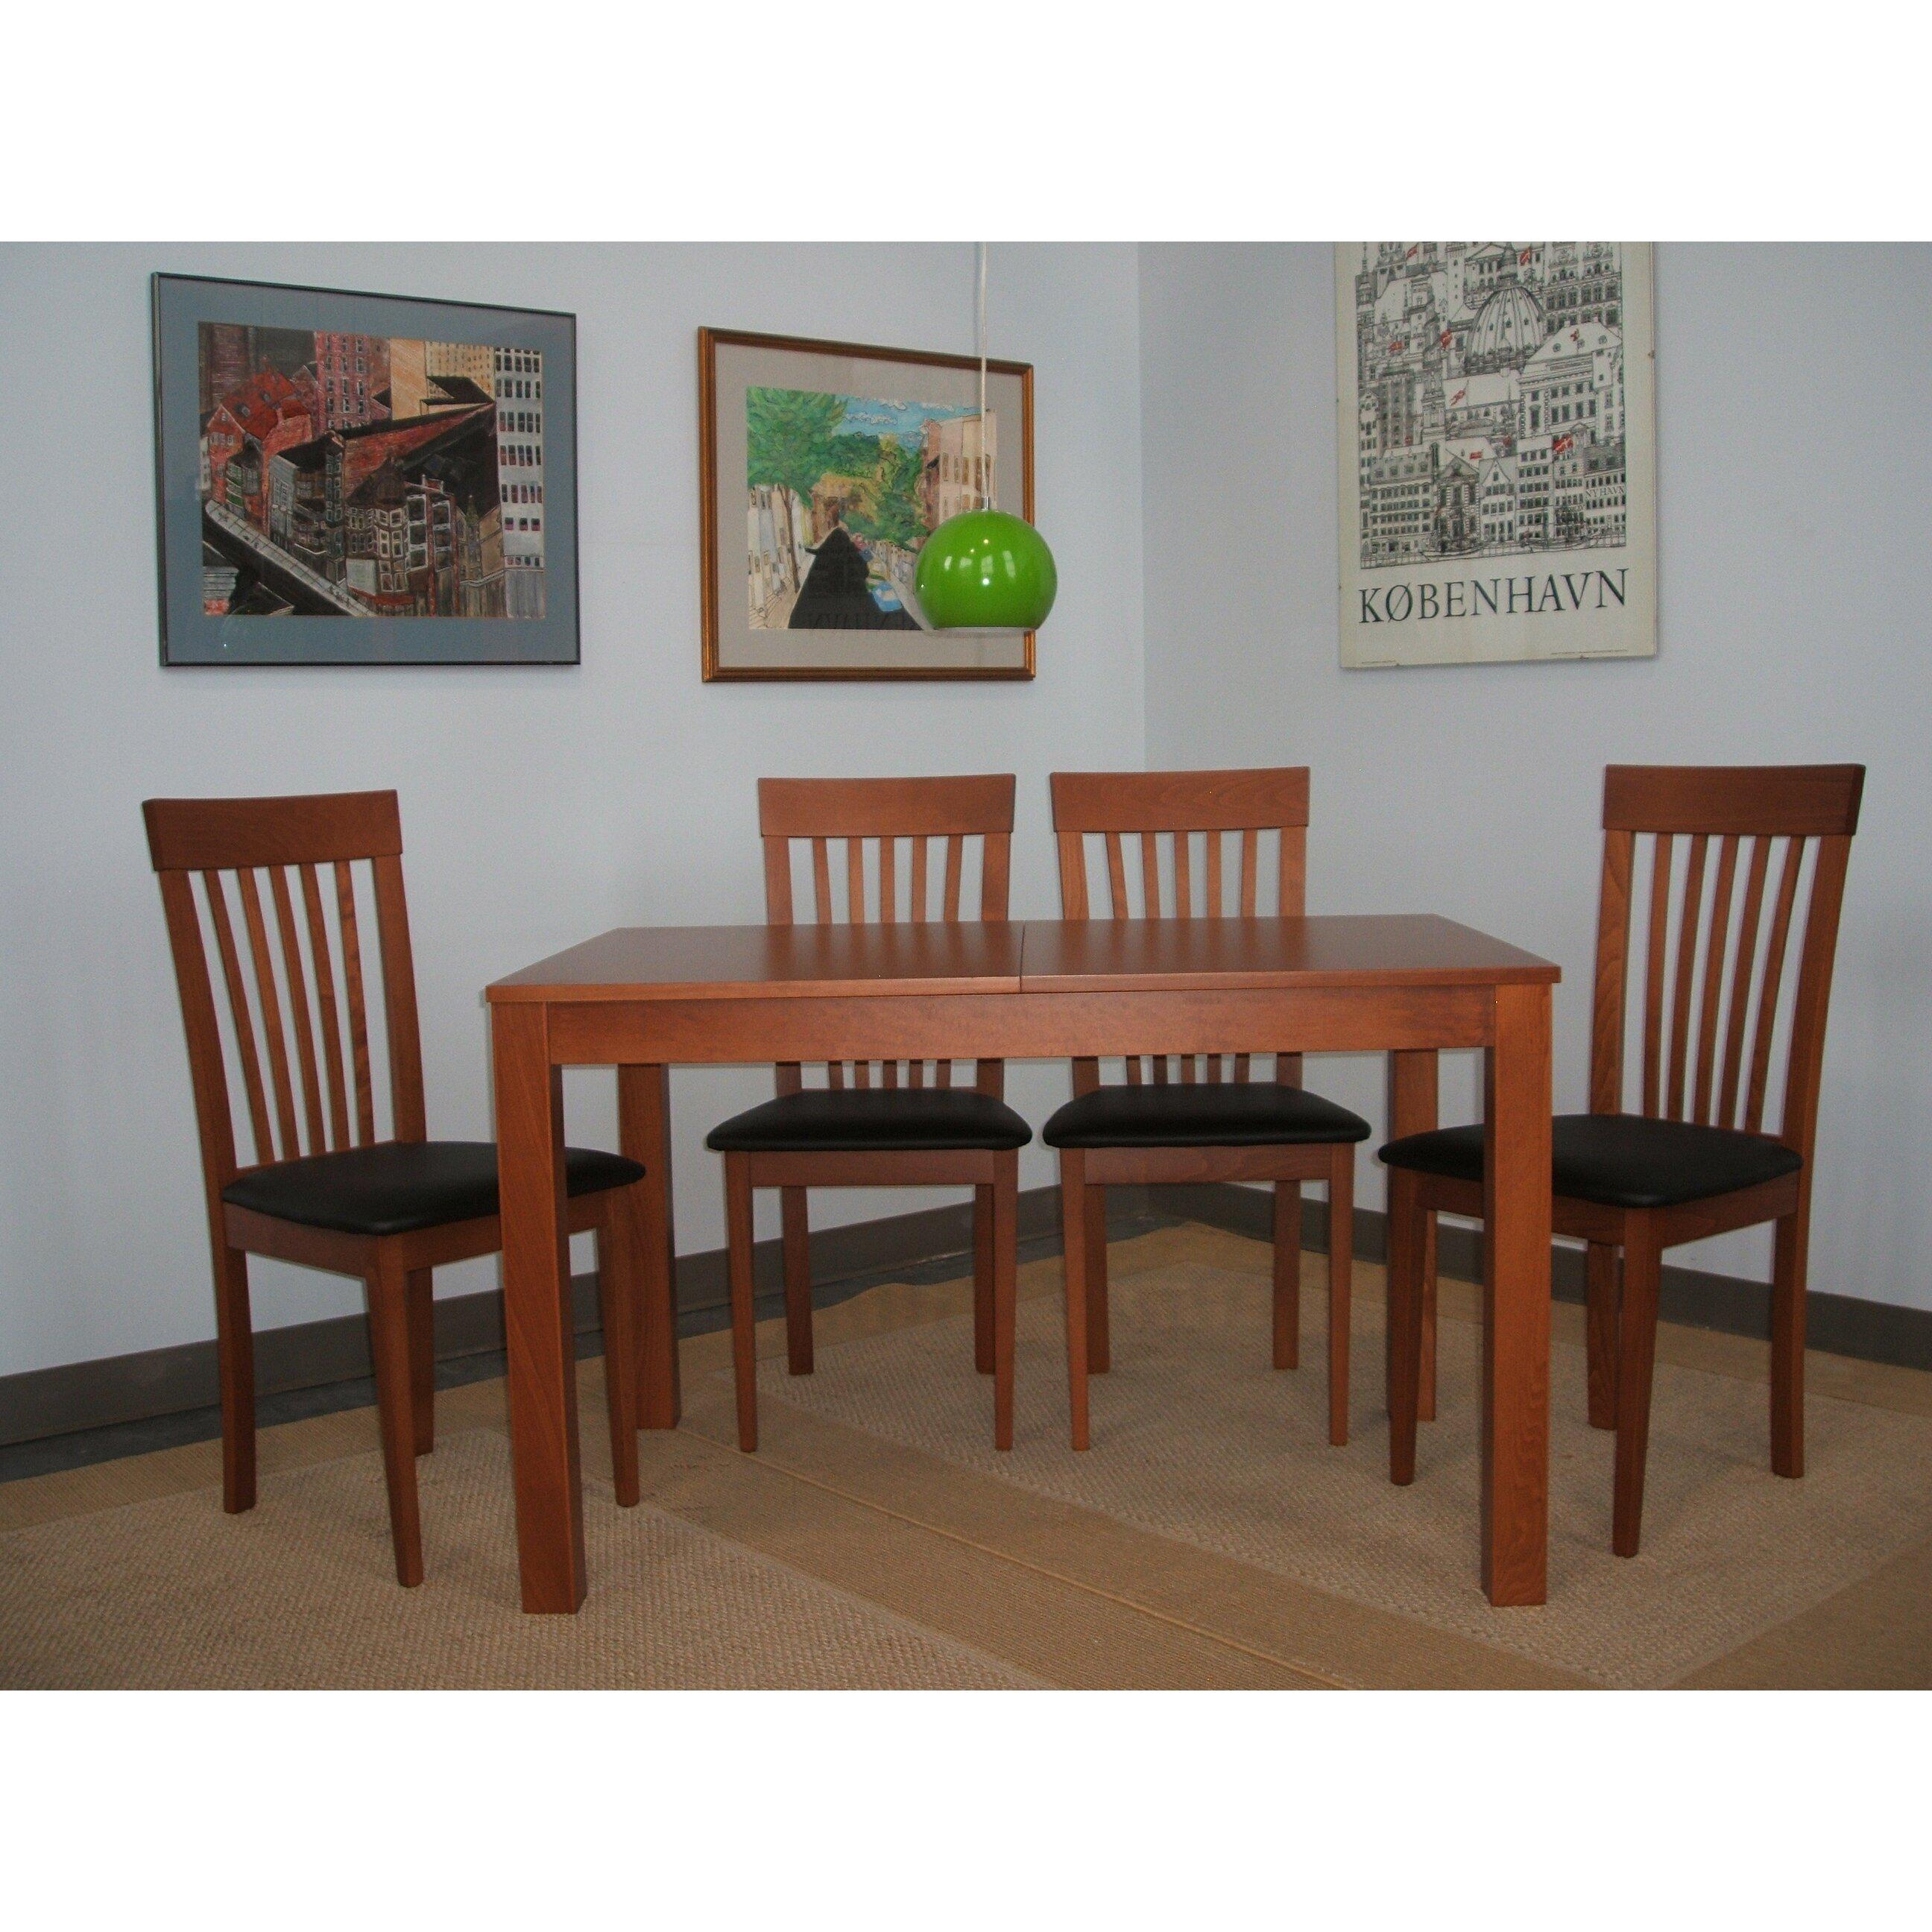 Wildon home moderna 5 piece dining set reviews for Wildon home dining